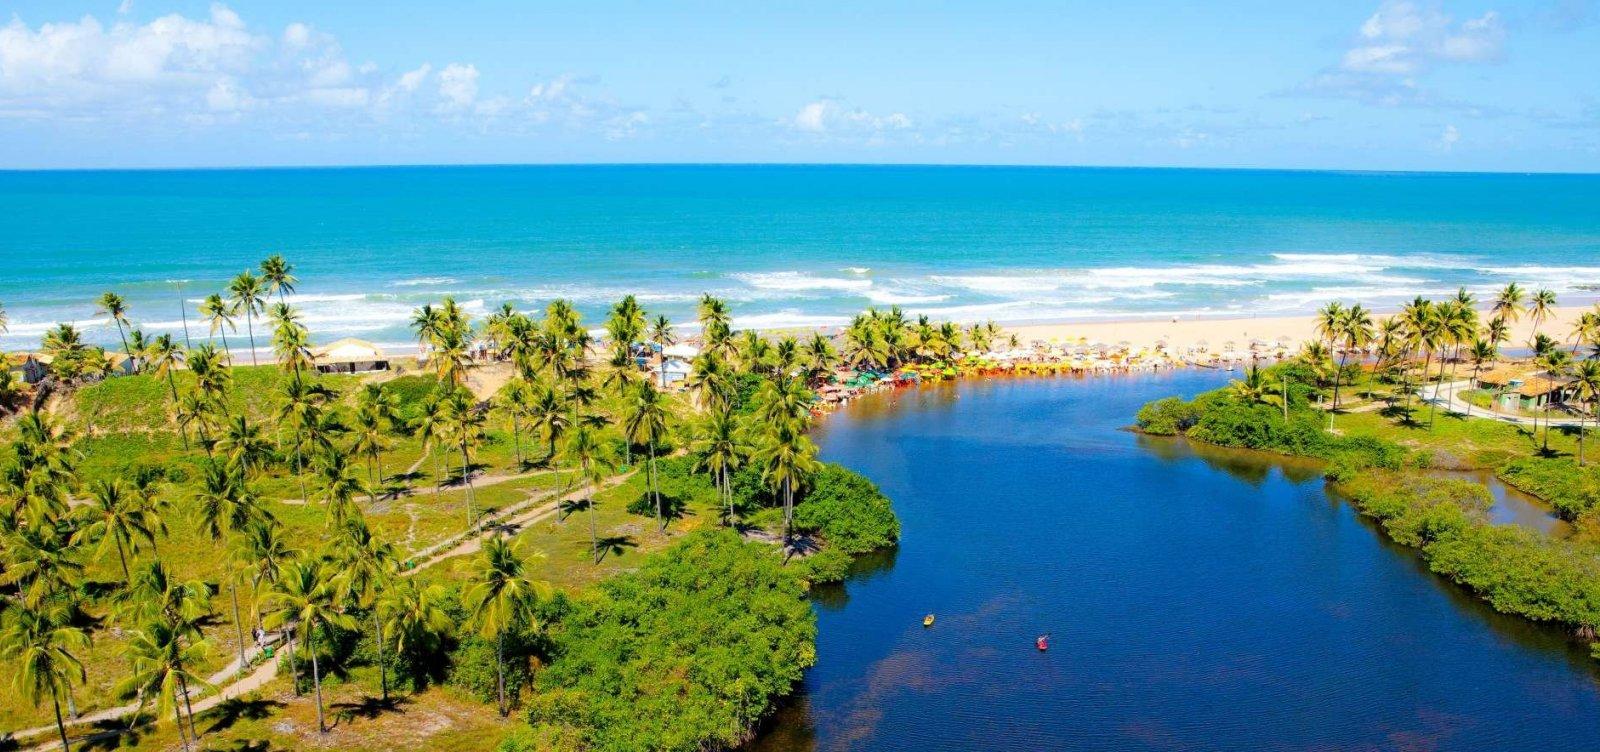 [Governo da Bahia divulga resultado de licitação de Centro de Atendimento ao Turista em Imbassaí]